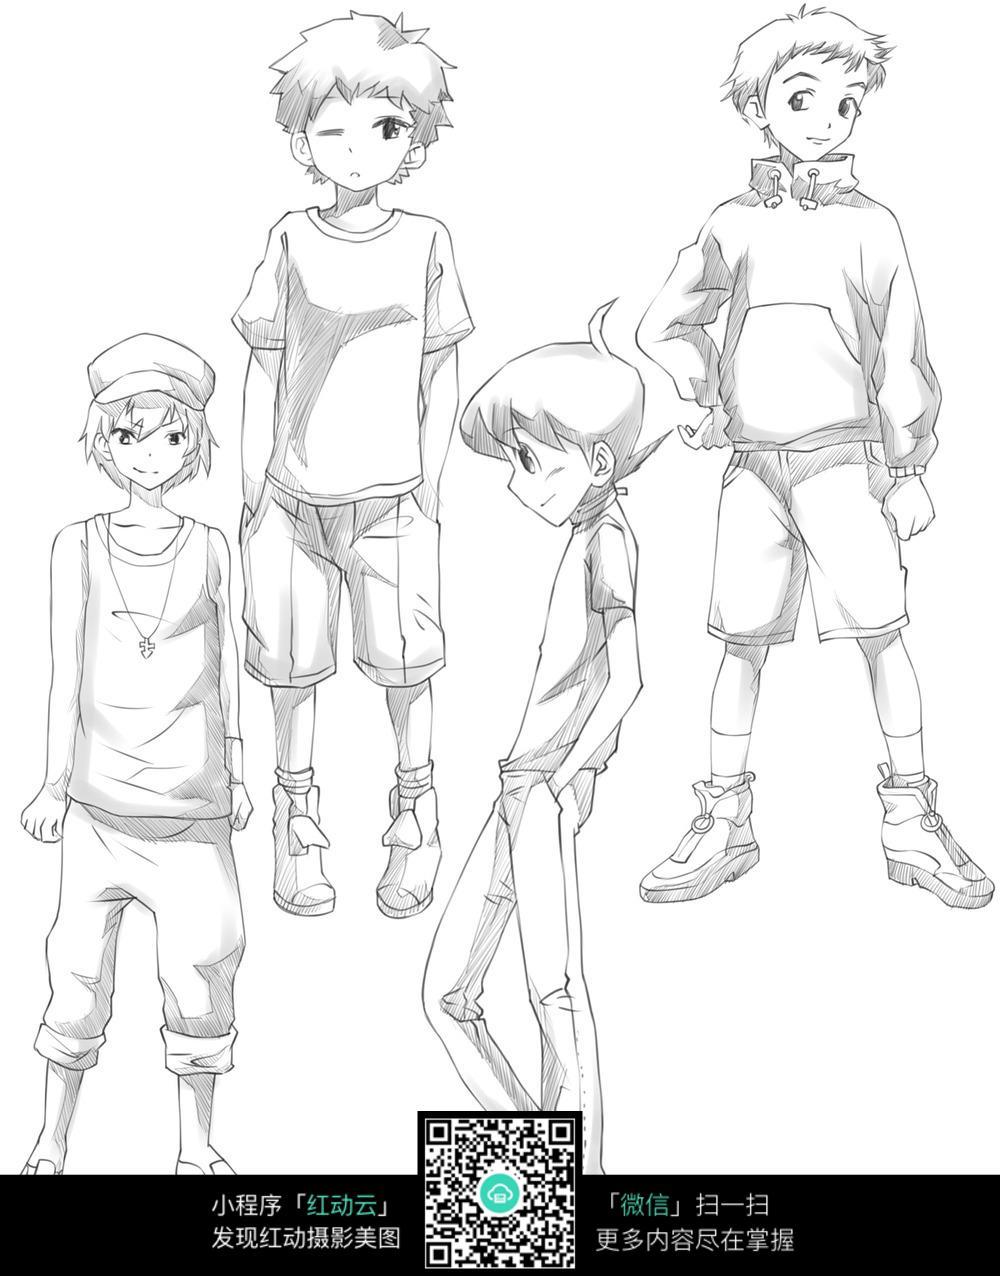 四个帅气动漫男生手绘稿图片